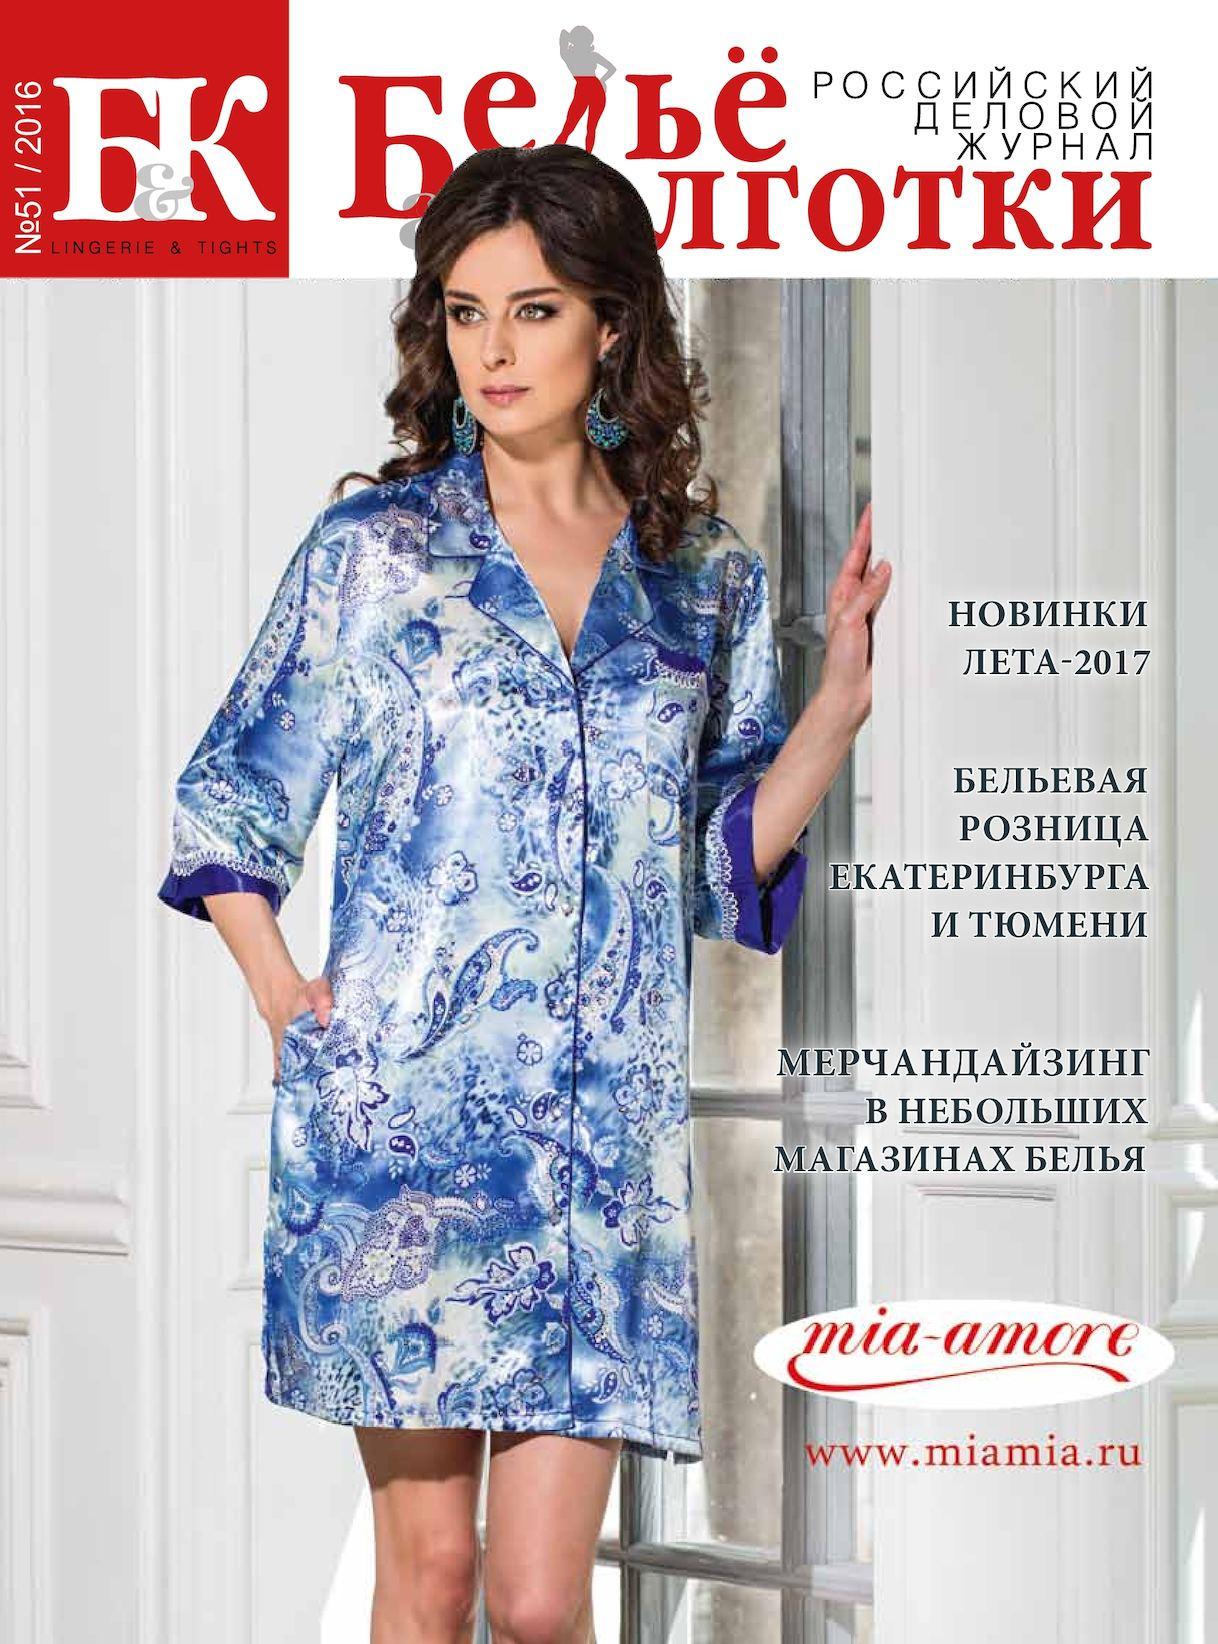 Calaméo - Российский деловой журнал «Белье и колготки» № 51 187802e8f7f